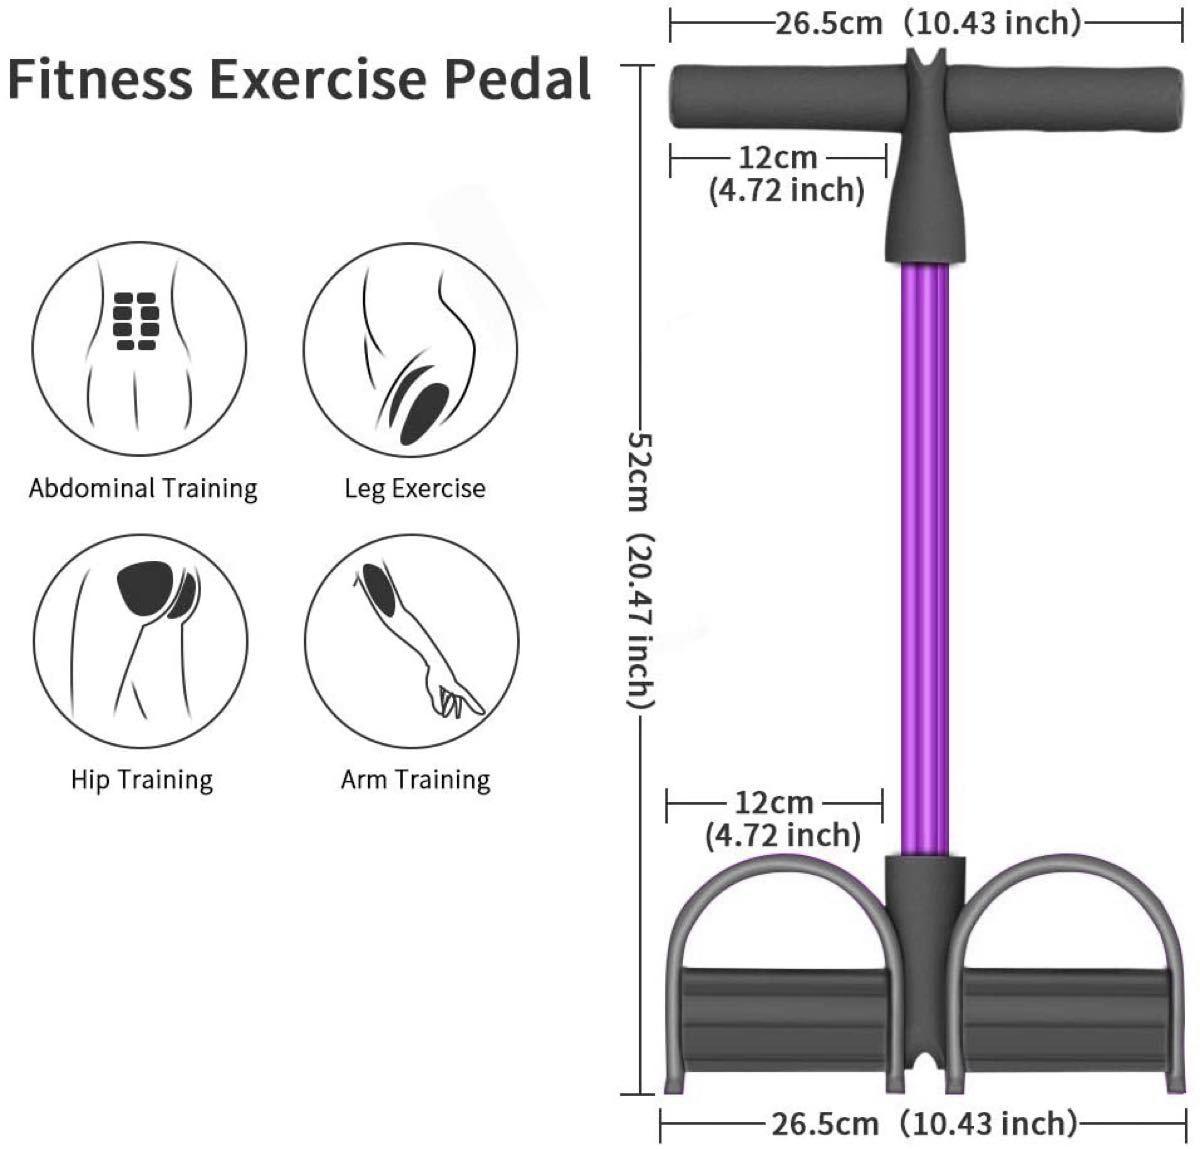 トレーニングチューブ  ペダルプラー 腹筋エクササイズ  ダイエット 美尻 腹筋